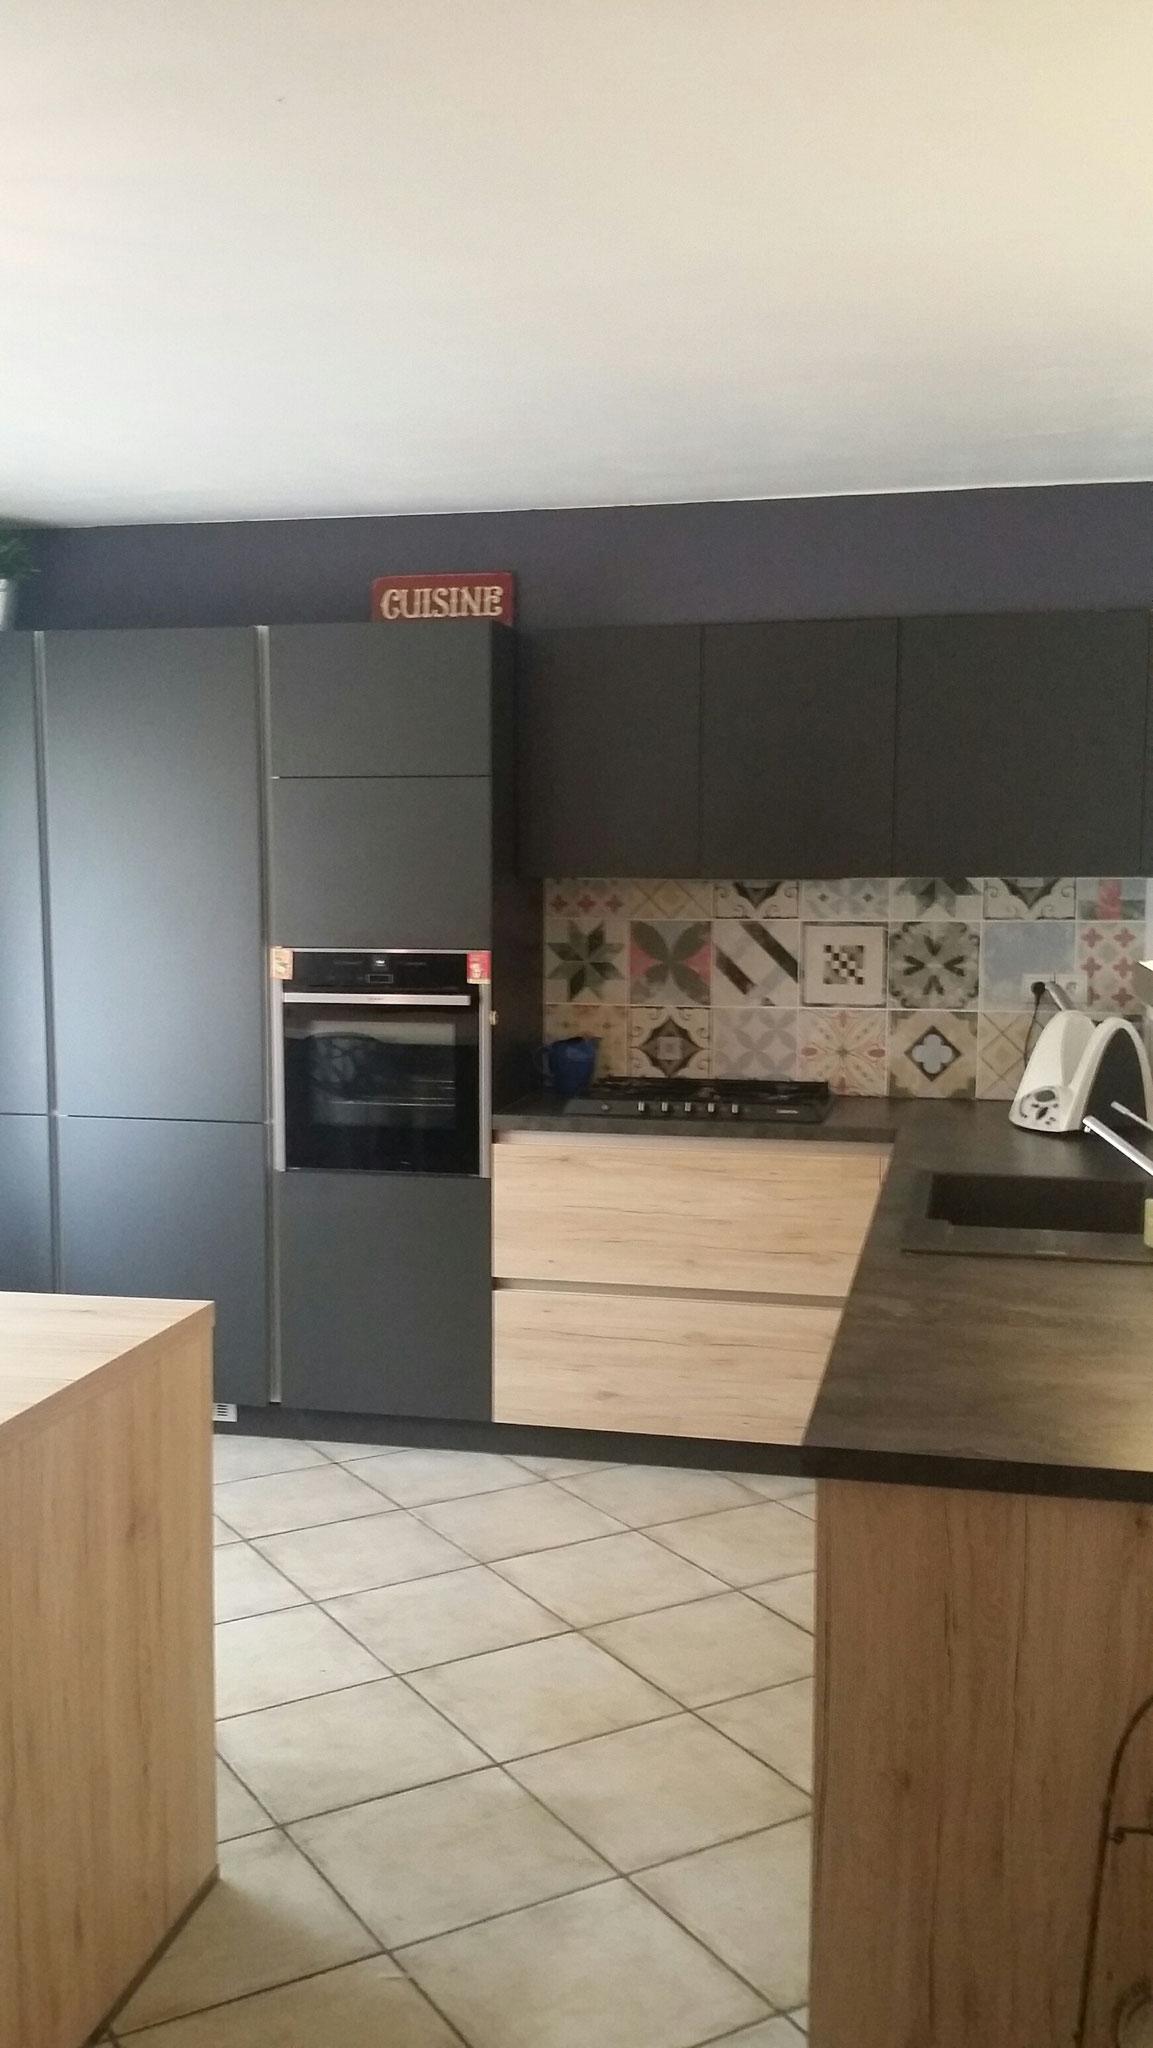 exemples de r alisations de cuisine toulouse balma blagnac colomiers cuisine interieur design. Black Bedroom Furniture Sets. Home Design Ideas